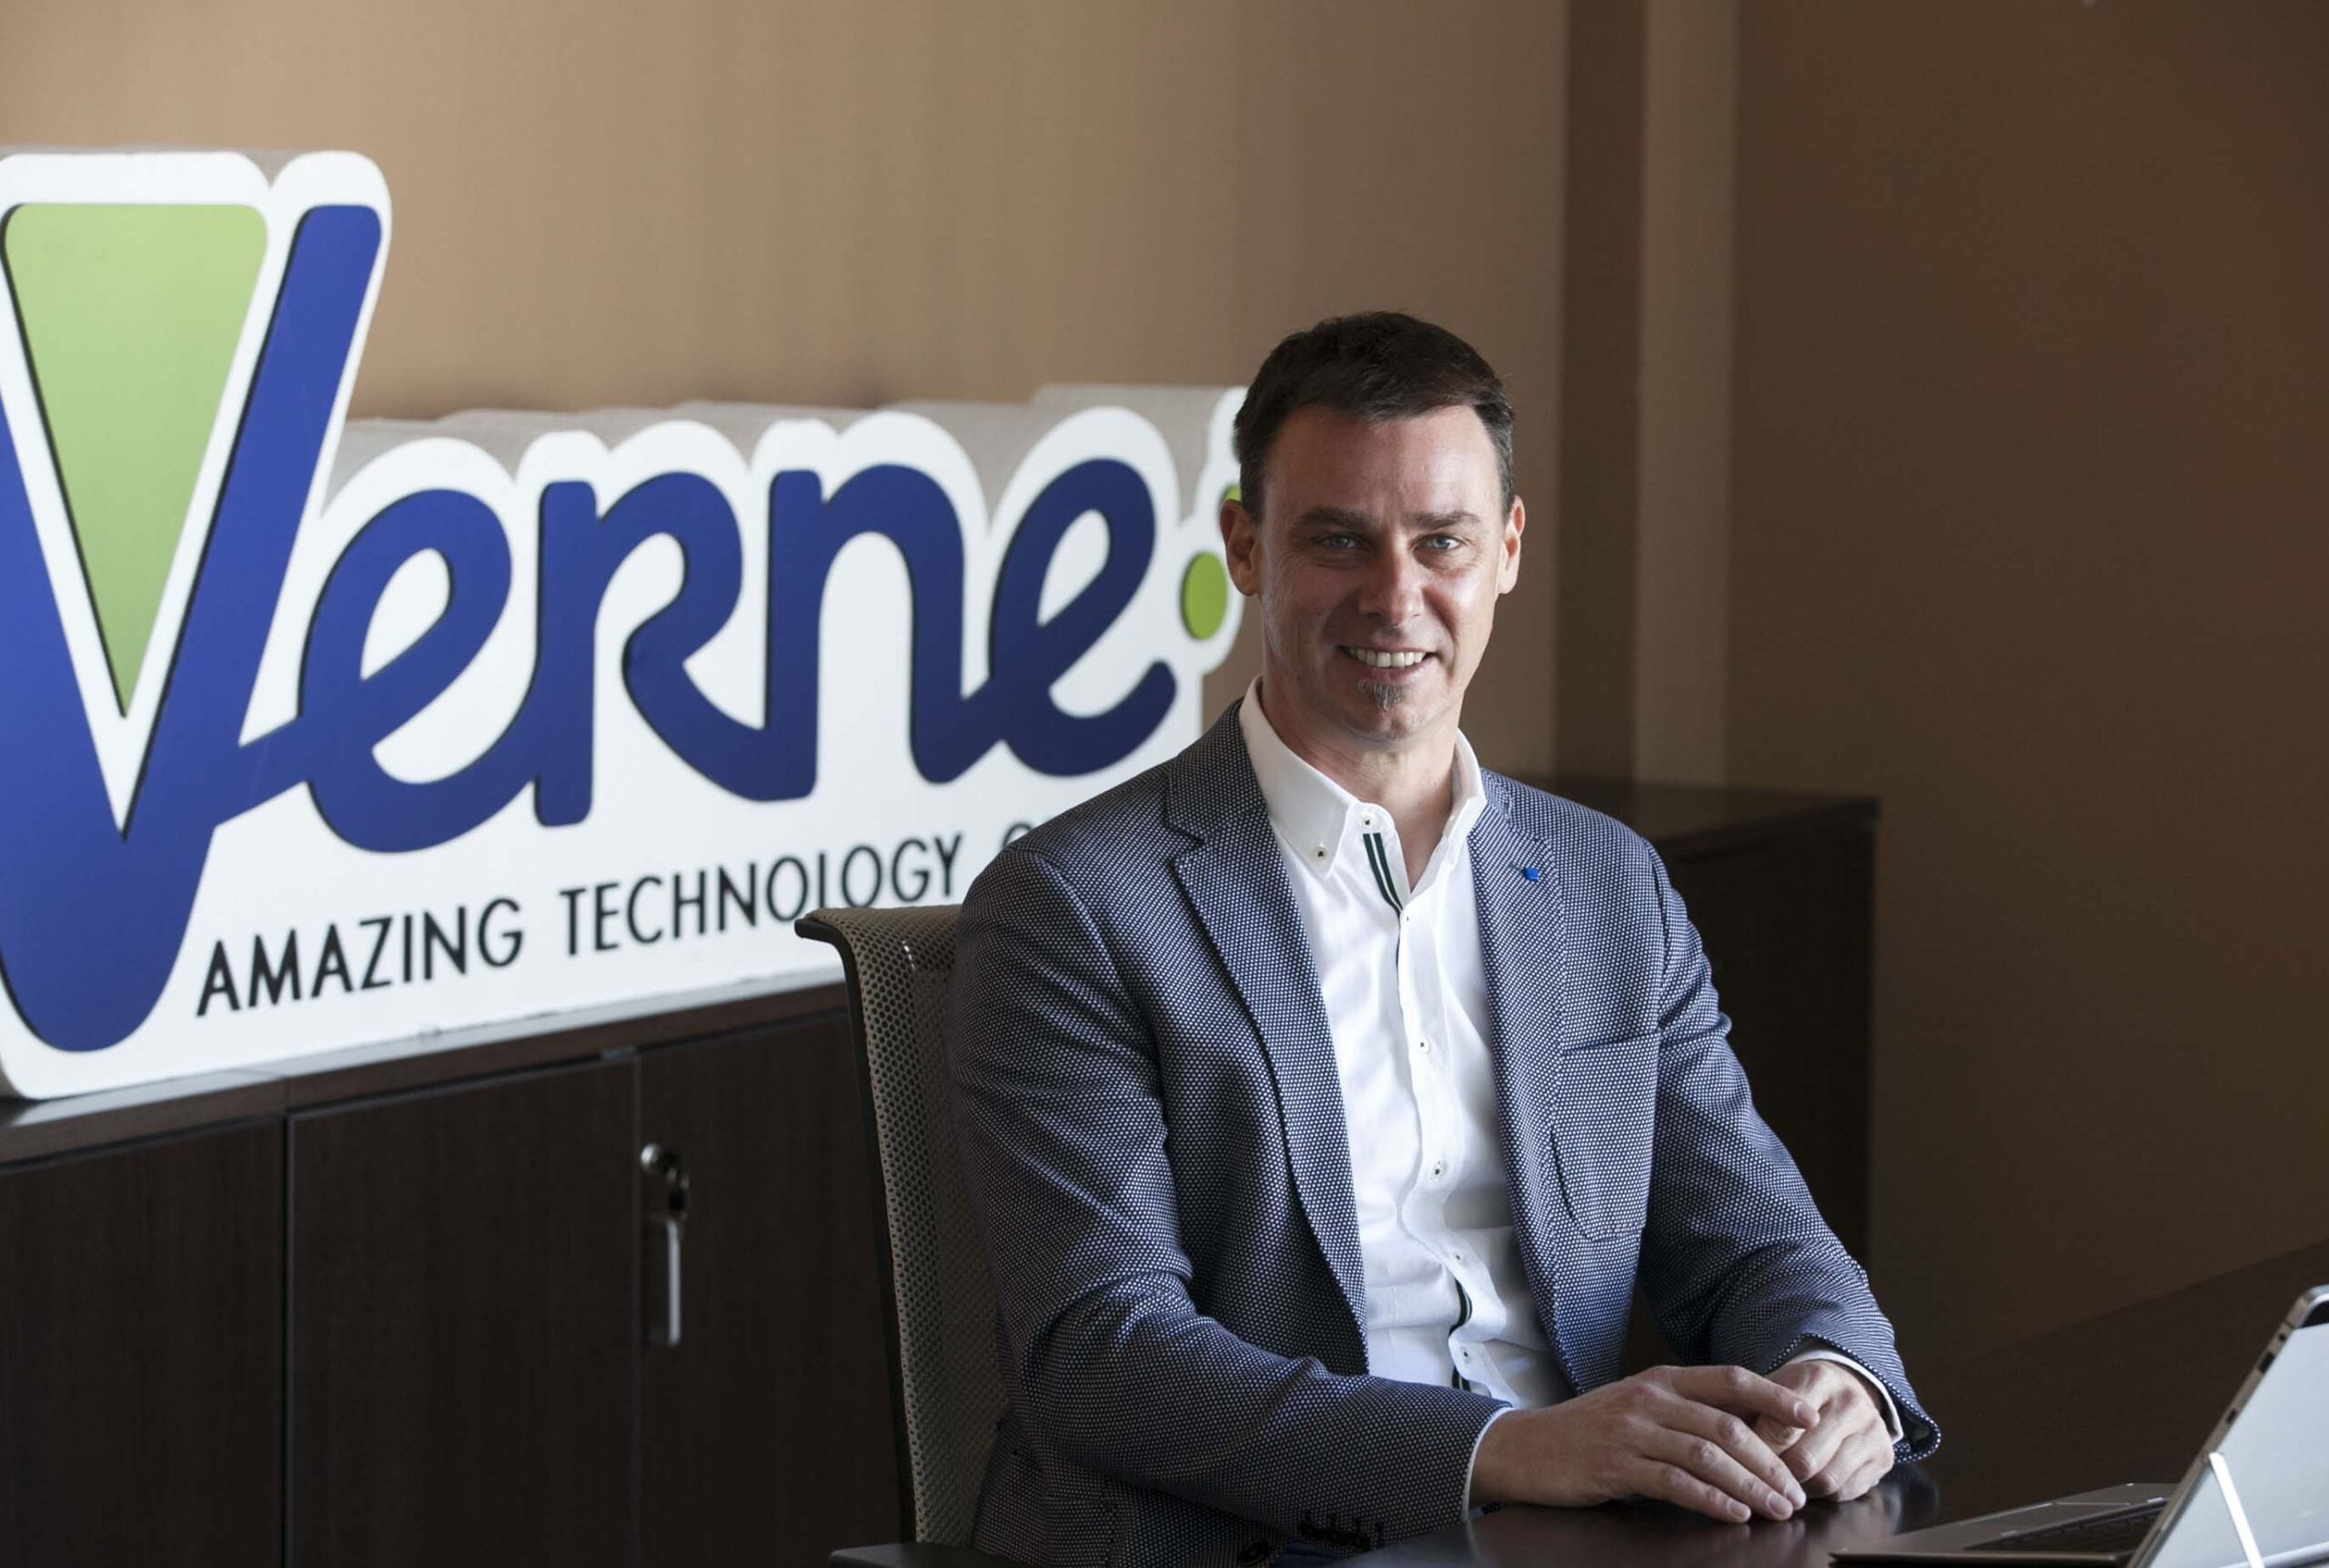 Imagen destacada Nace Verne Tech, la apuesta de Verne Group para desarrollar Machine Learning o Big Data